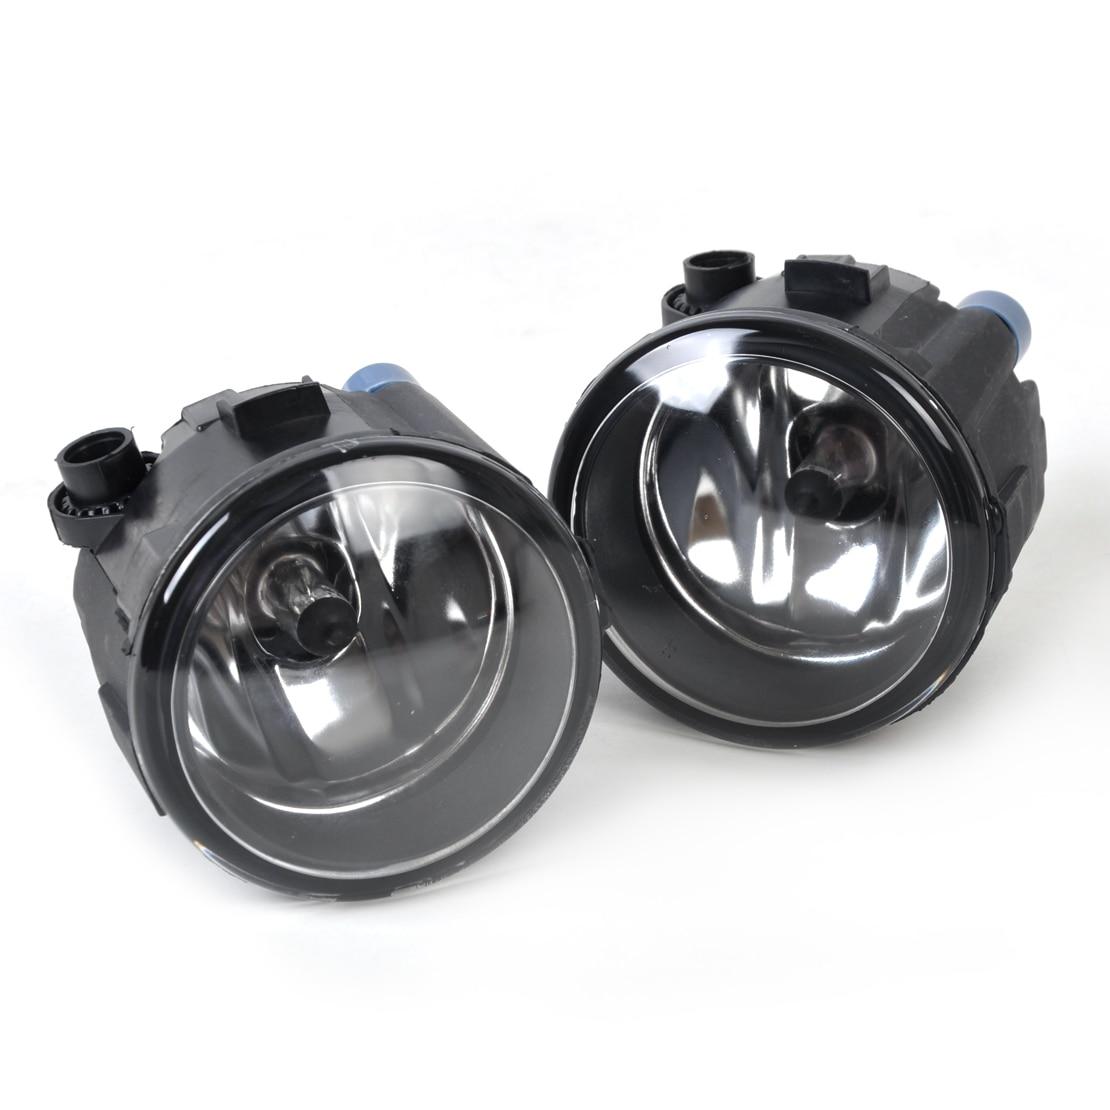 beler 2pcs Right + Left Fog Light Lamp H11 Halogen 55W 12V Bulb Assembly for Nissan Cube Murano Versa Infiniti EX35 261508993B